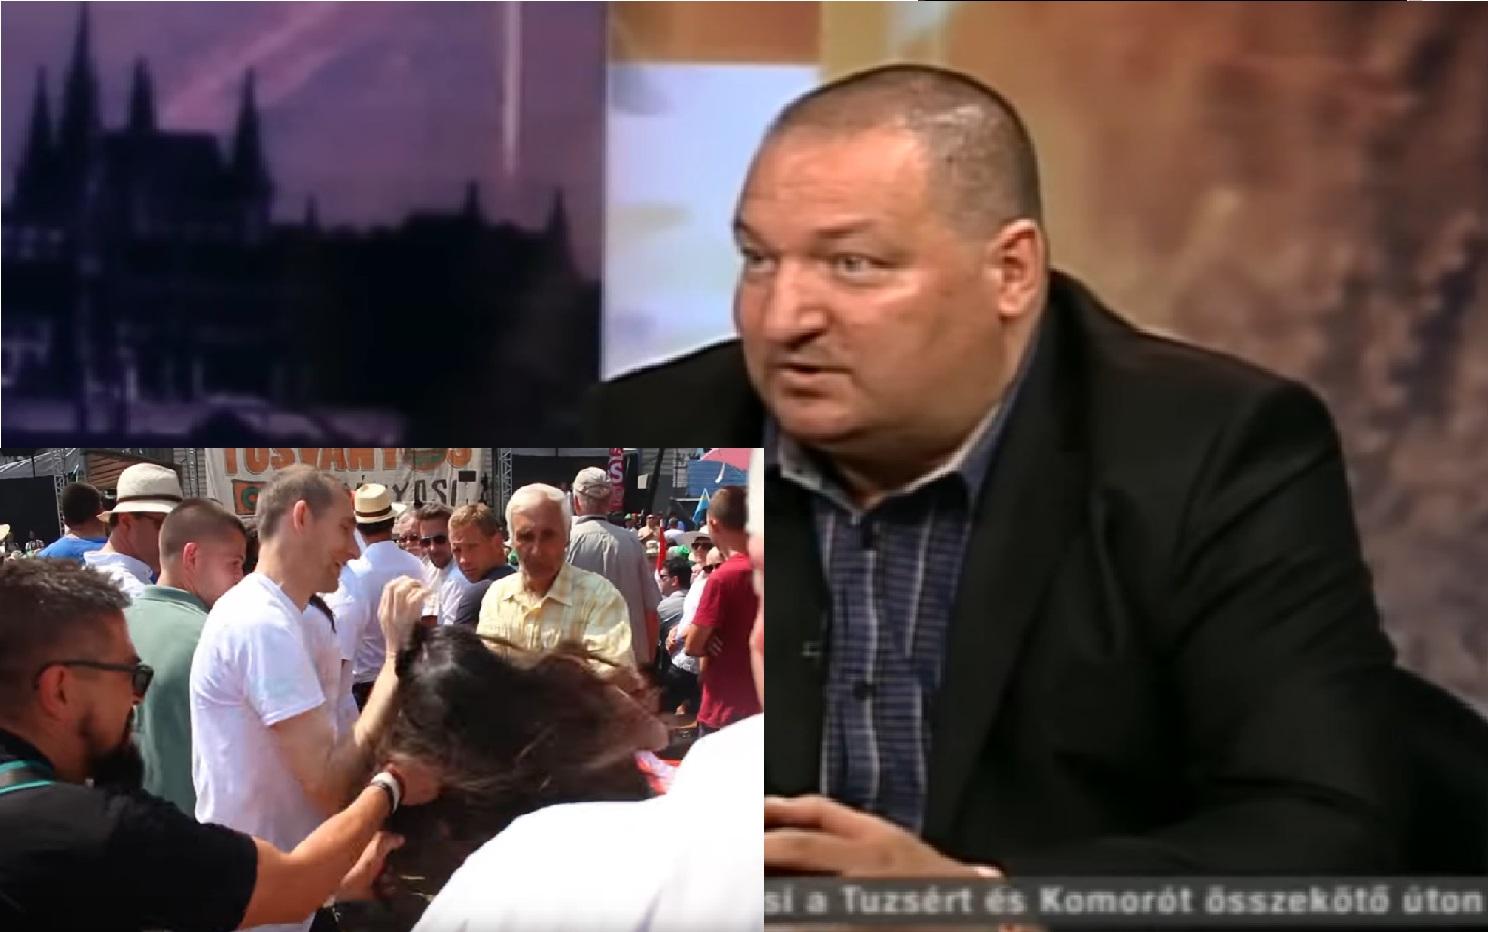 Németh Szilárd szerint senkit sem bántottak Orbán beszéde alatt, mert ő nem emlékszik ilyesmire